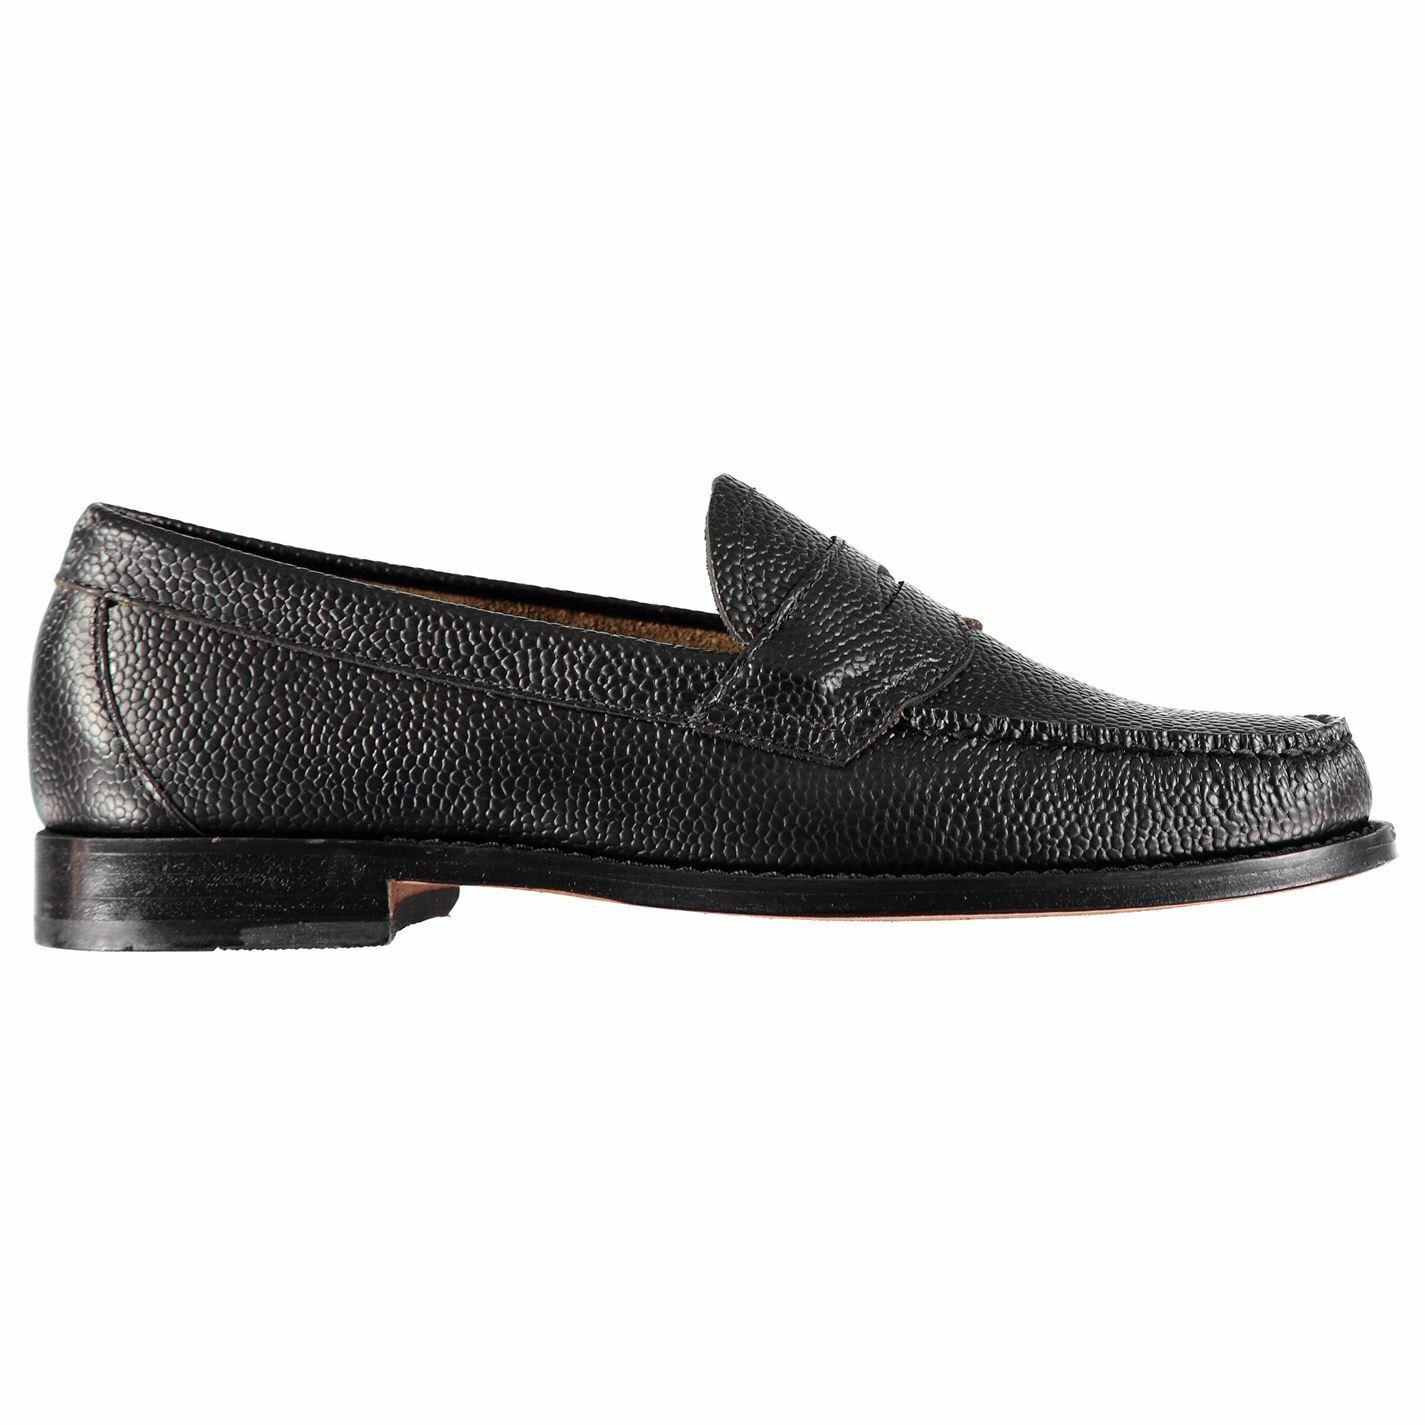 Bass weejuns Logan, zapatos de cereal, Colorado loafers, nuevo.